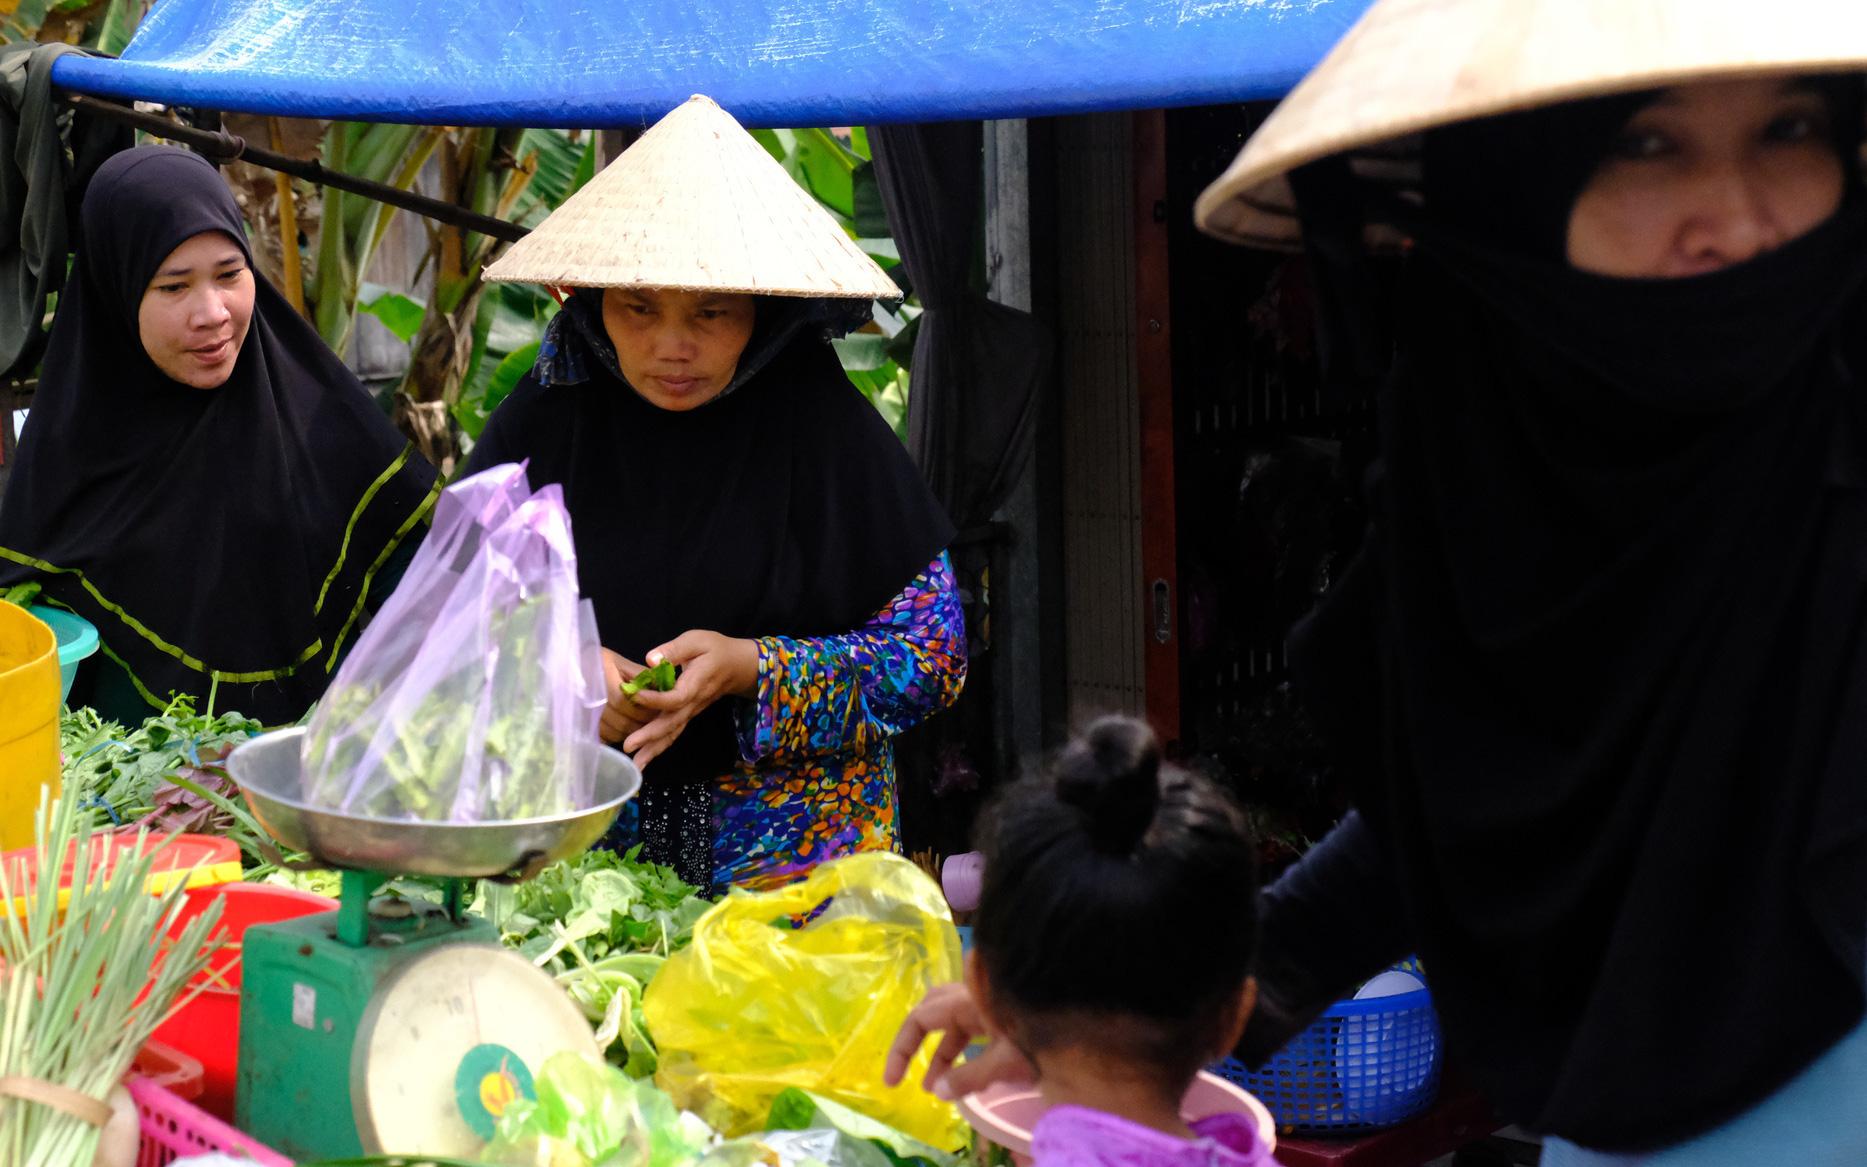 """Cuối năm lạc vào """"ngôi làng phụ nữ"""" kỳ lạ ở An Giang: Đến đi chợ cũng trùm kín mà nụ cười thì dễ thương quá đỗi!"""